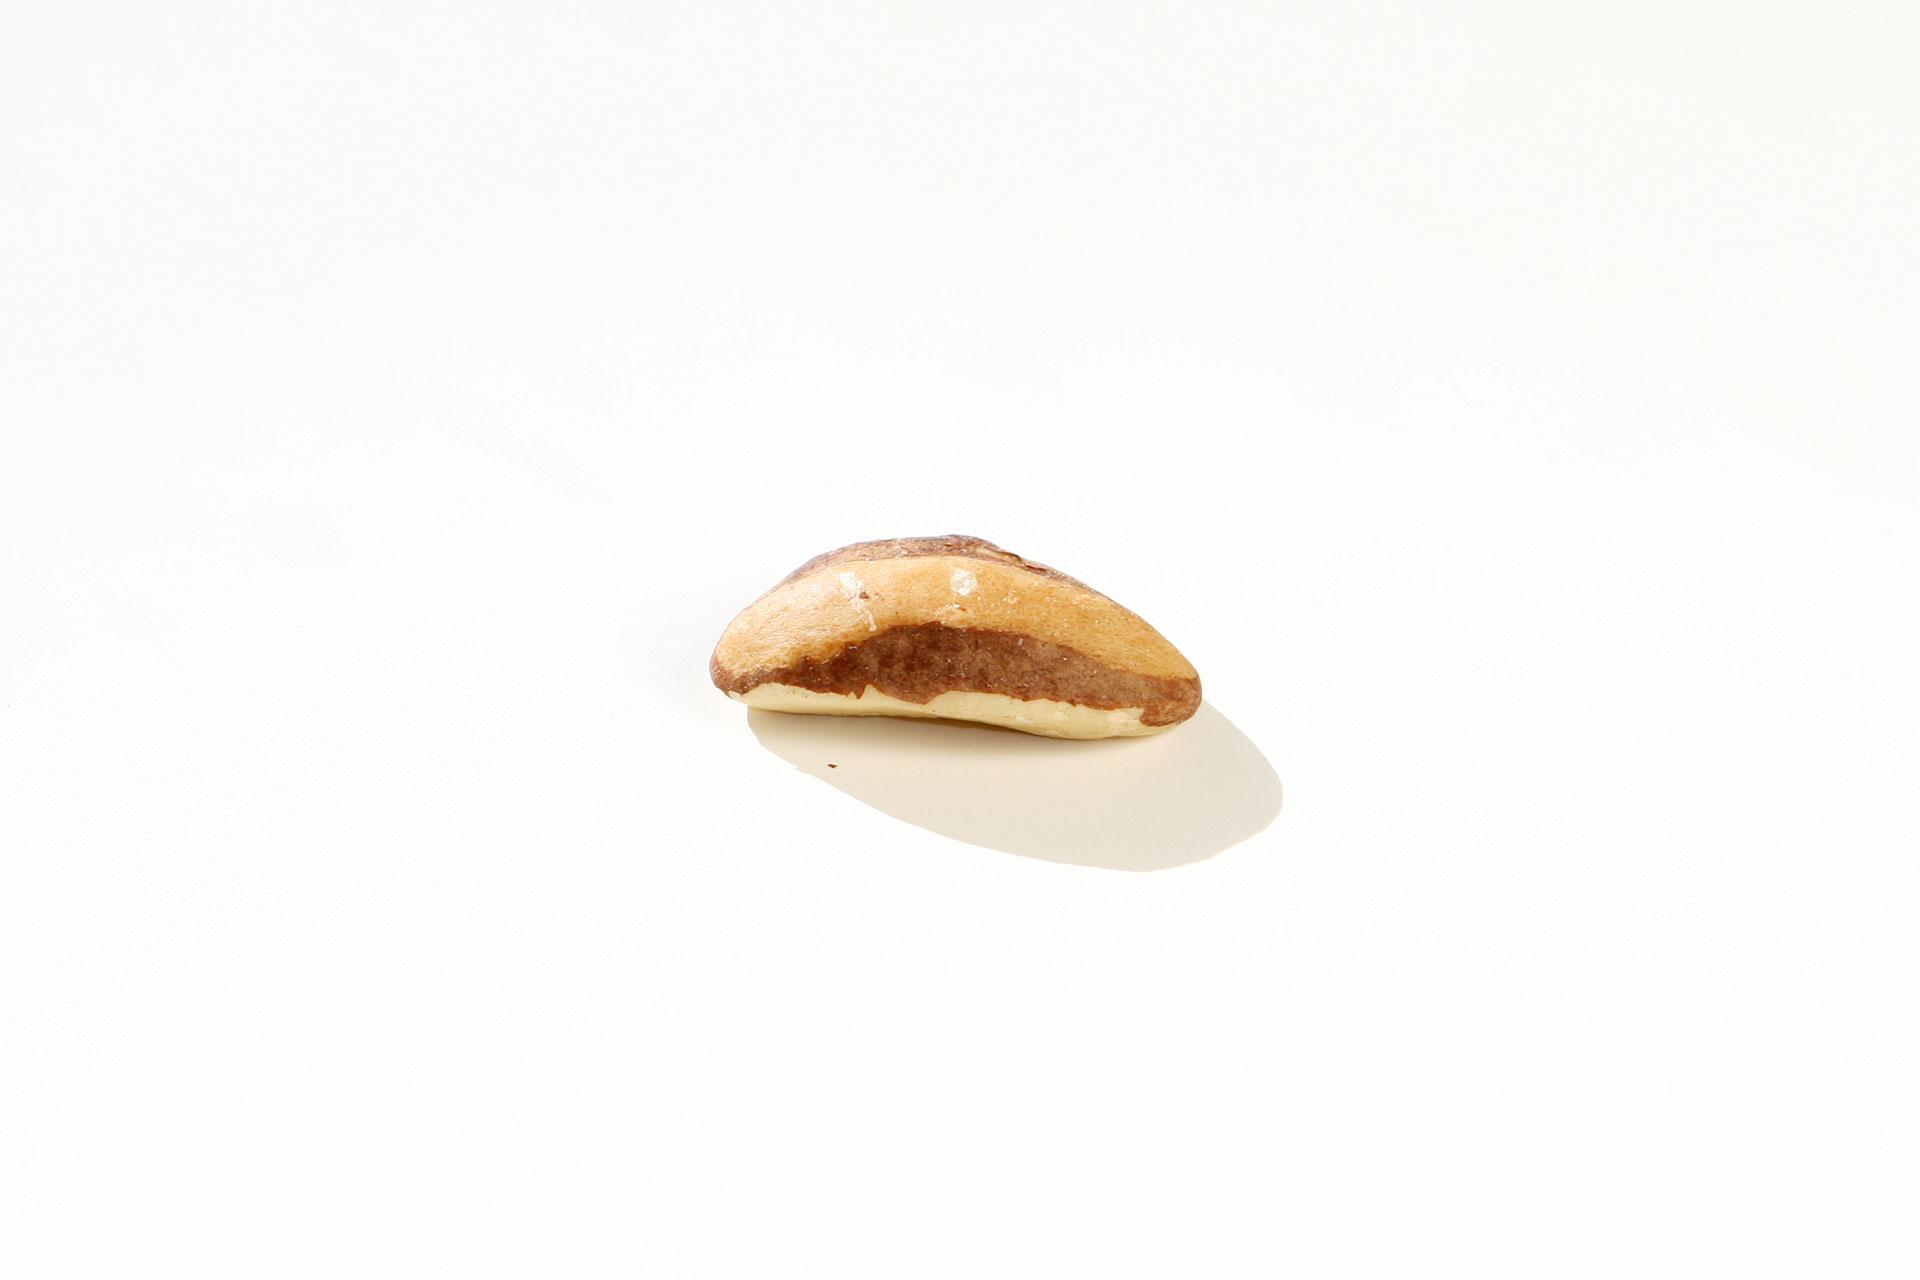 Jetzt gibt's was auf die Nüsse – Gesunde knackige Schnellmacher / Die Paranuss © stefandrexl.de